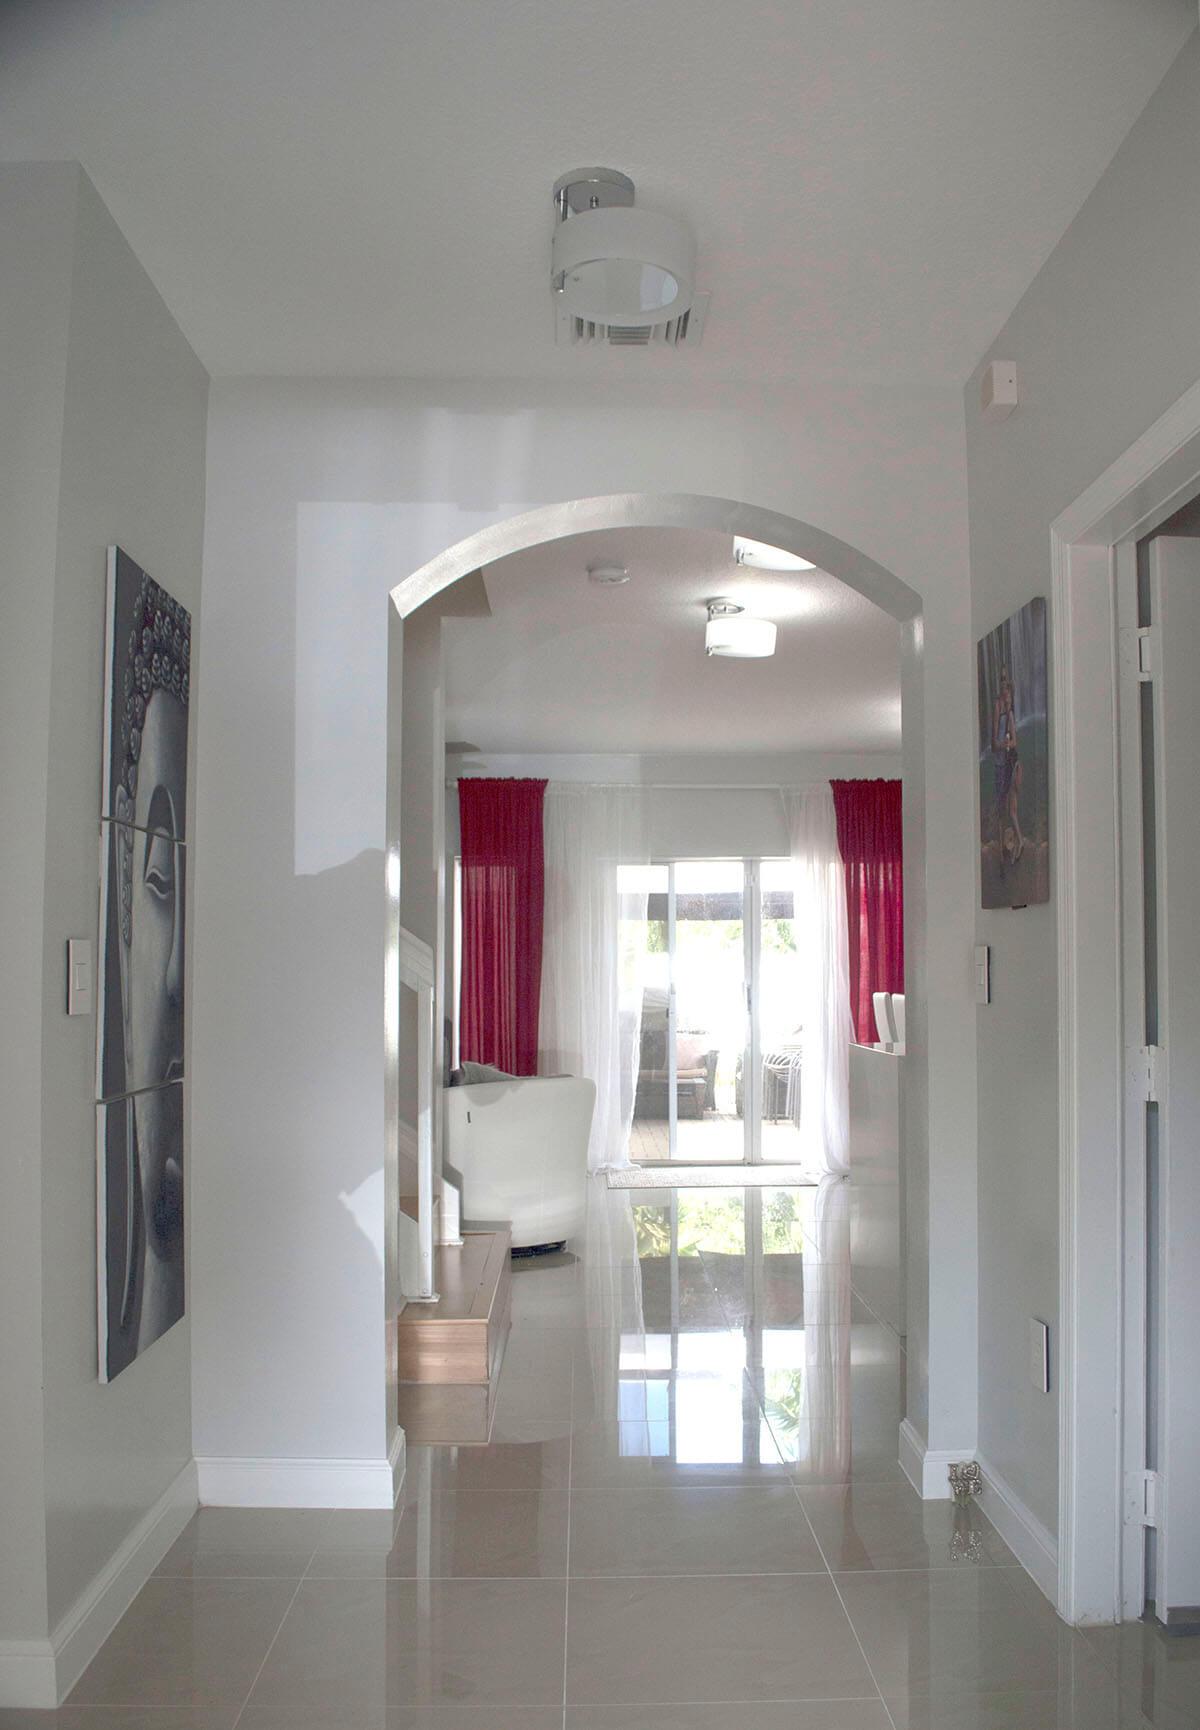 12839-SW-29th-St-Miramar-FL-33017-2-Foyer-Entrance.jpg